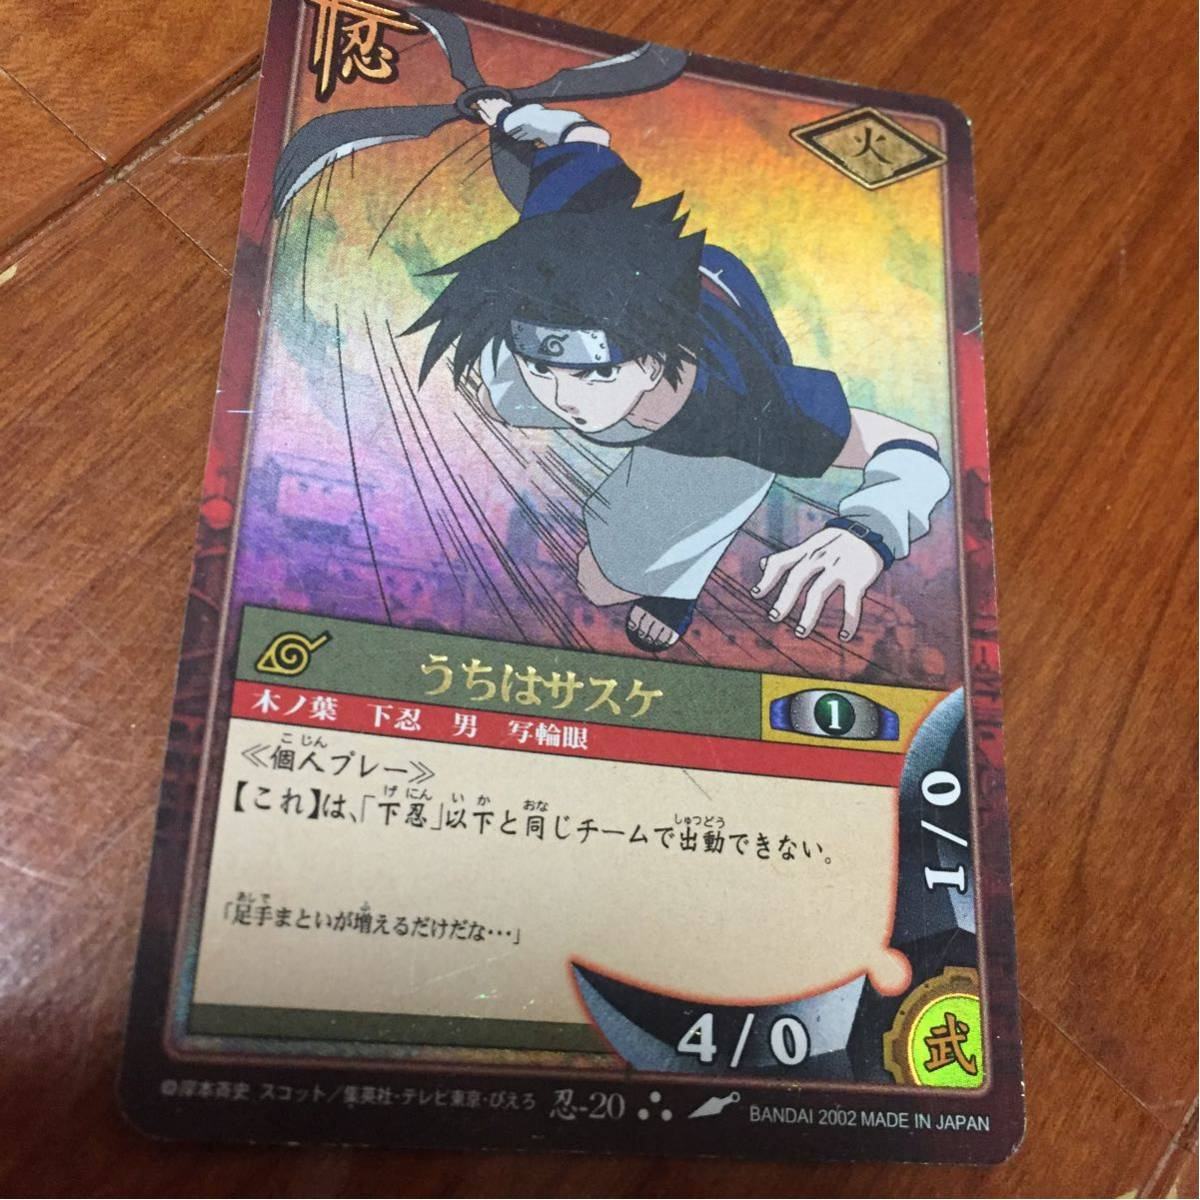 NARUTOナルトカードゲーム 忍 うちはサスケ 初期UR キラ プレミア品_画像1